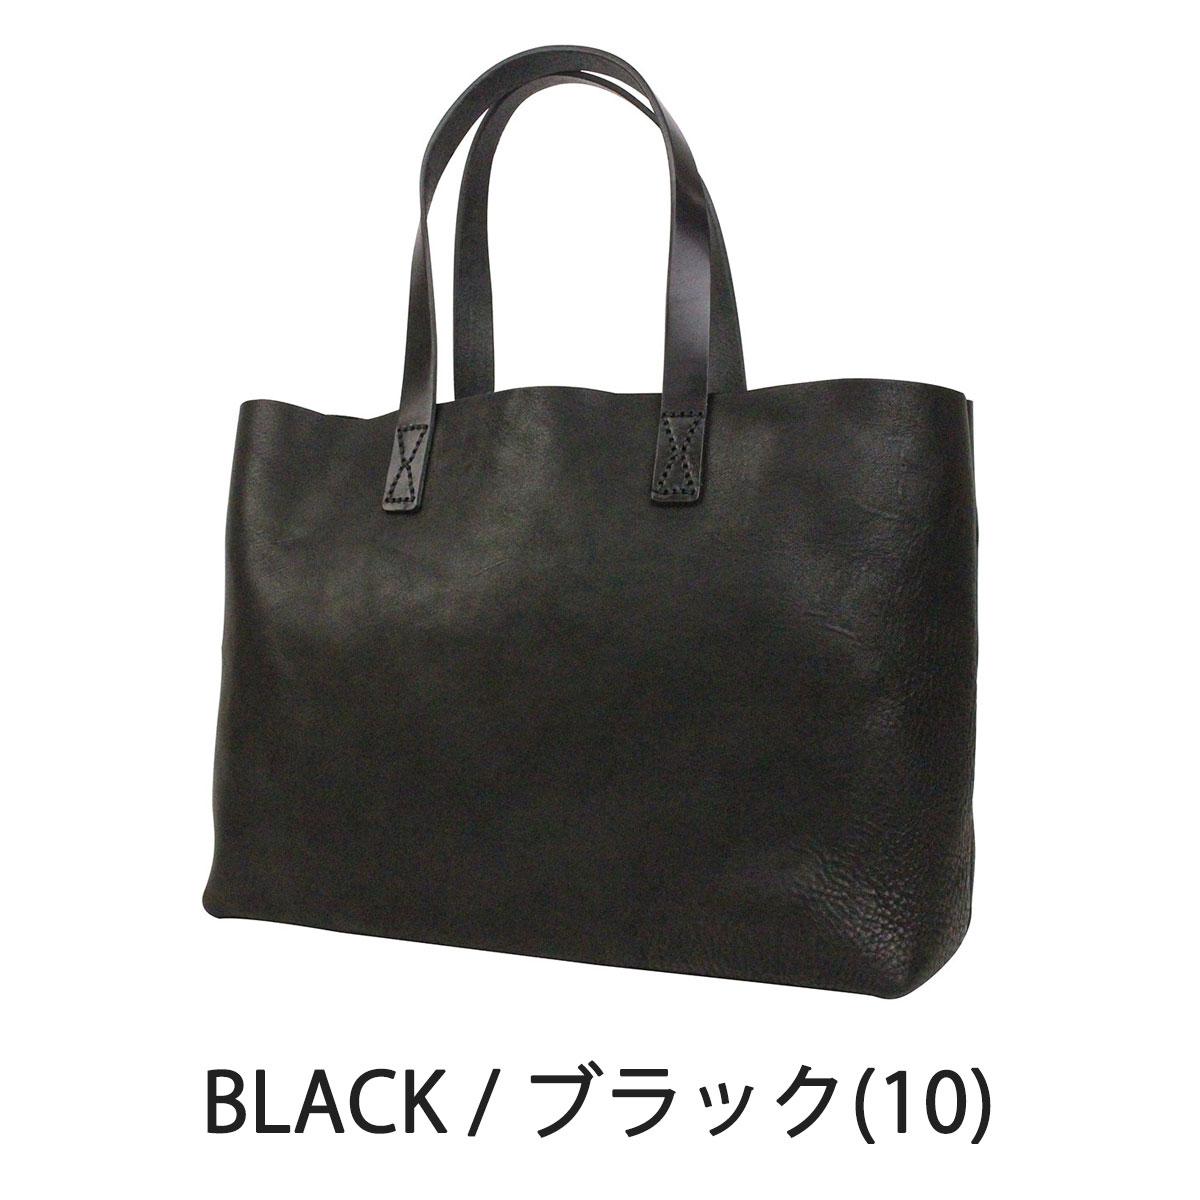 缓慢缓慢手提袋 A4 bono Bono Bono 男装女装栃木县皮革 49S39D 乐天点 10 倍 10P30May15